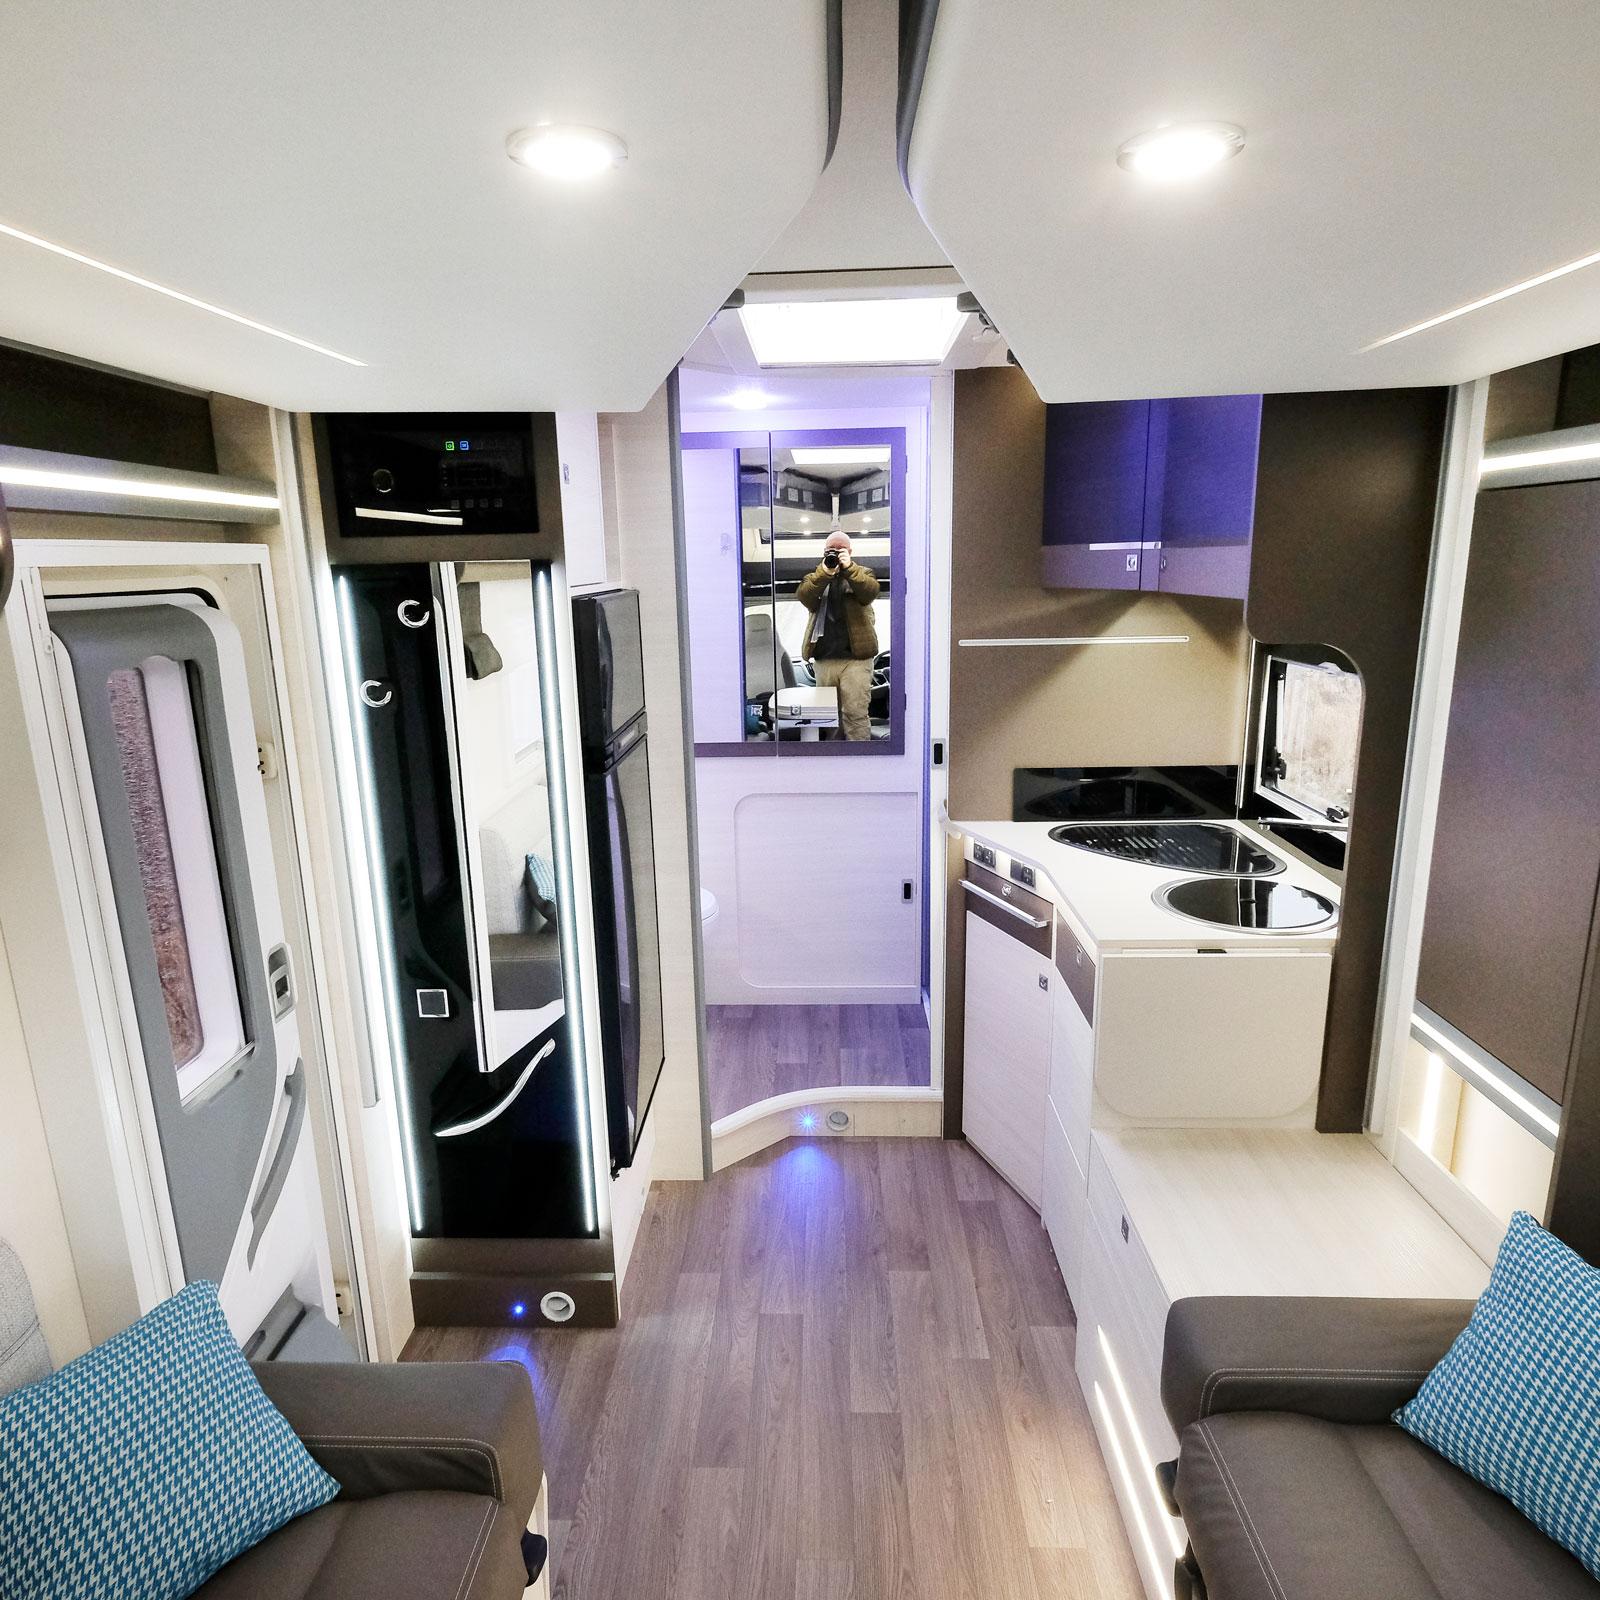 Det är en öppen planlösning i denna etta! Den bakre delen upptas av kök, kylskåp och badrummet som även har en stor garderob.